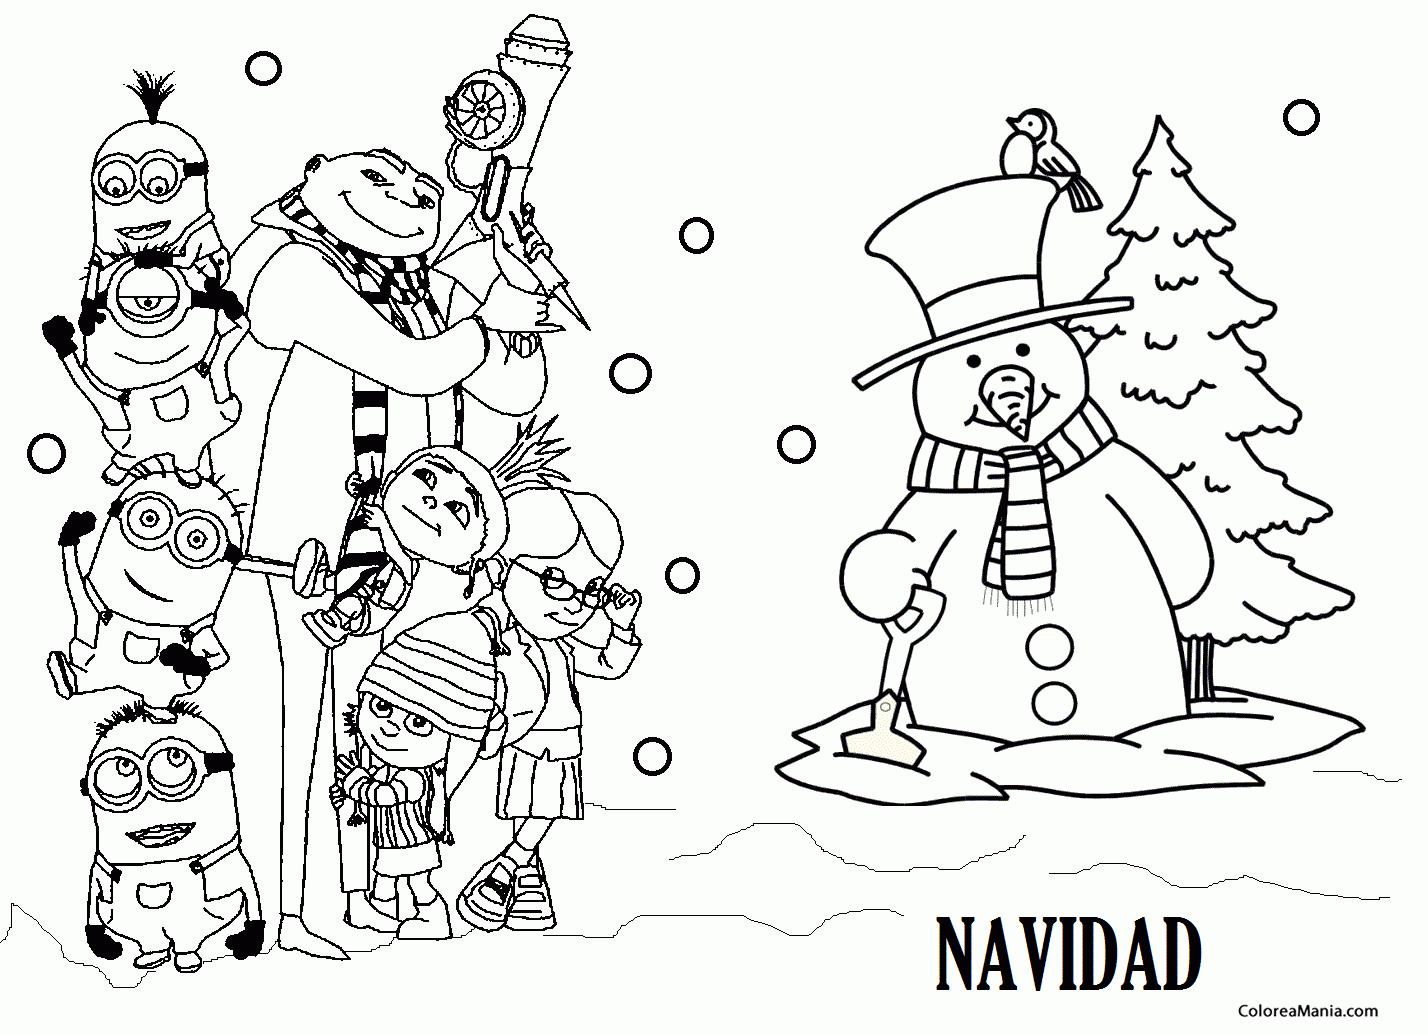 Colorear Minions en Navidad (Minions), dibujo para colorear gratis